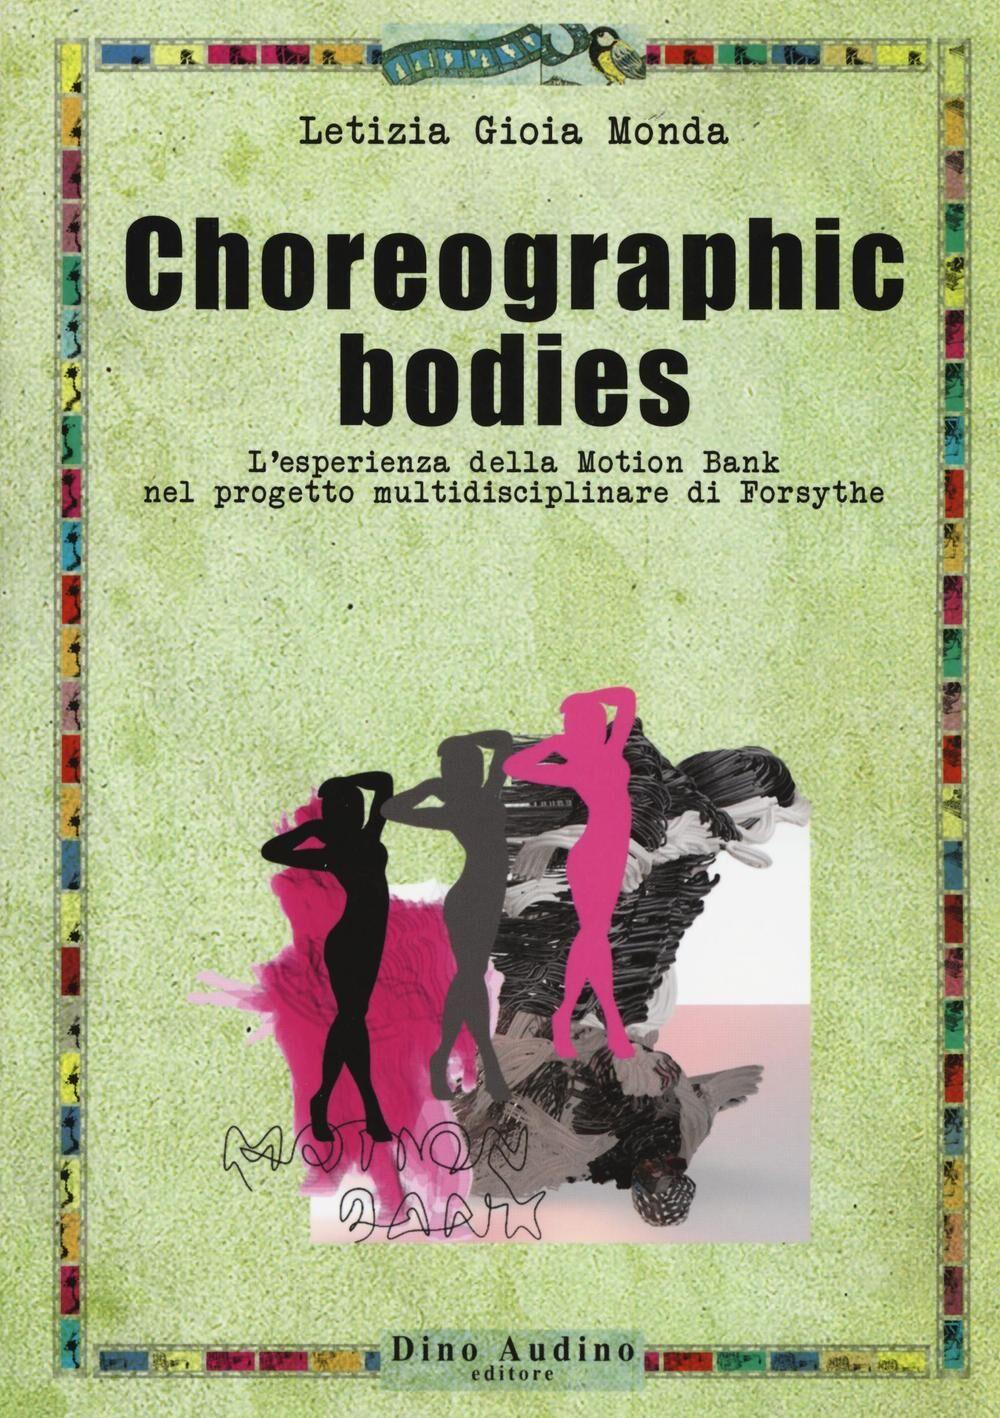 Choreographic bodies. L'esperienza della Motion Bank nel progetto multidisciplinare di Forsythe